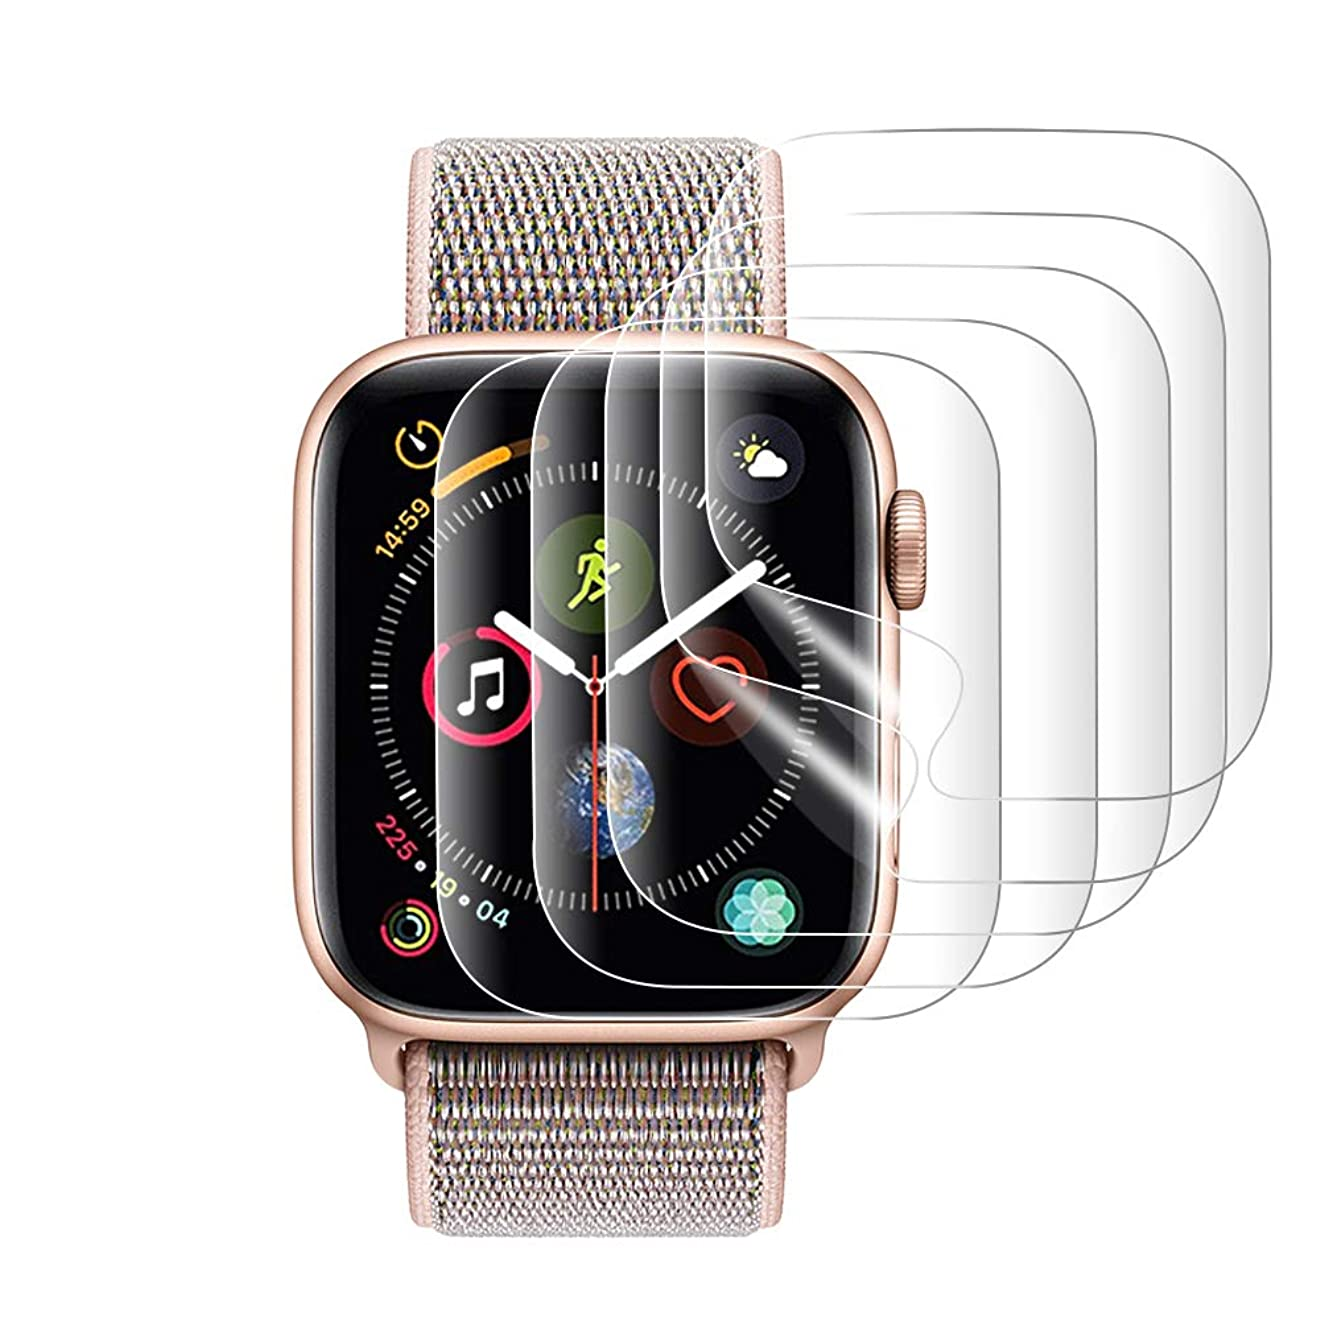 ソロお暖かく『改善版全面保護』AUNEOS Apple Watch Series 4 フィルム Apple Watch 保護フィルム TPU製 高透過率 耐指紋 24時間内気泡自動消え アップルウォッチ フィルム (Series 4, 44mm 5枚)